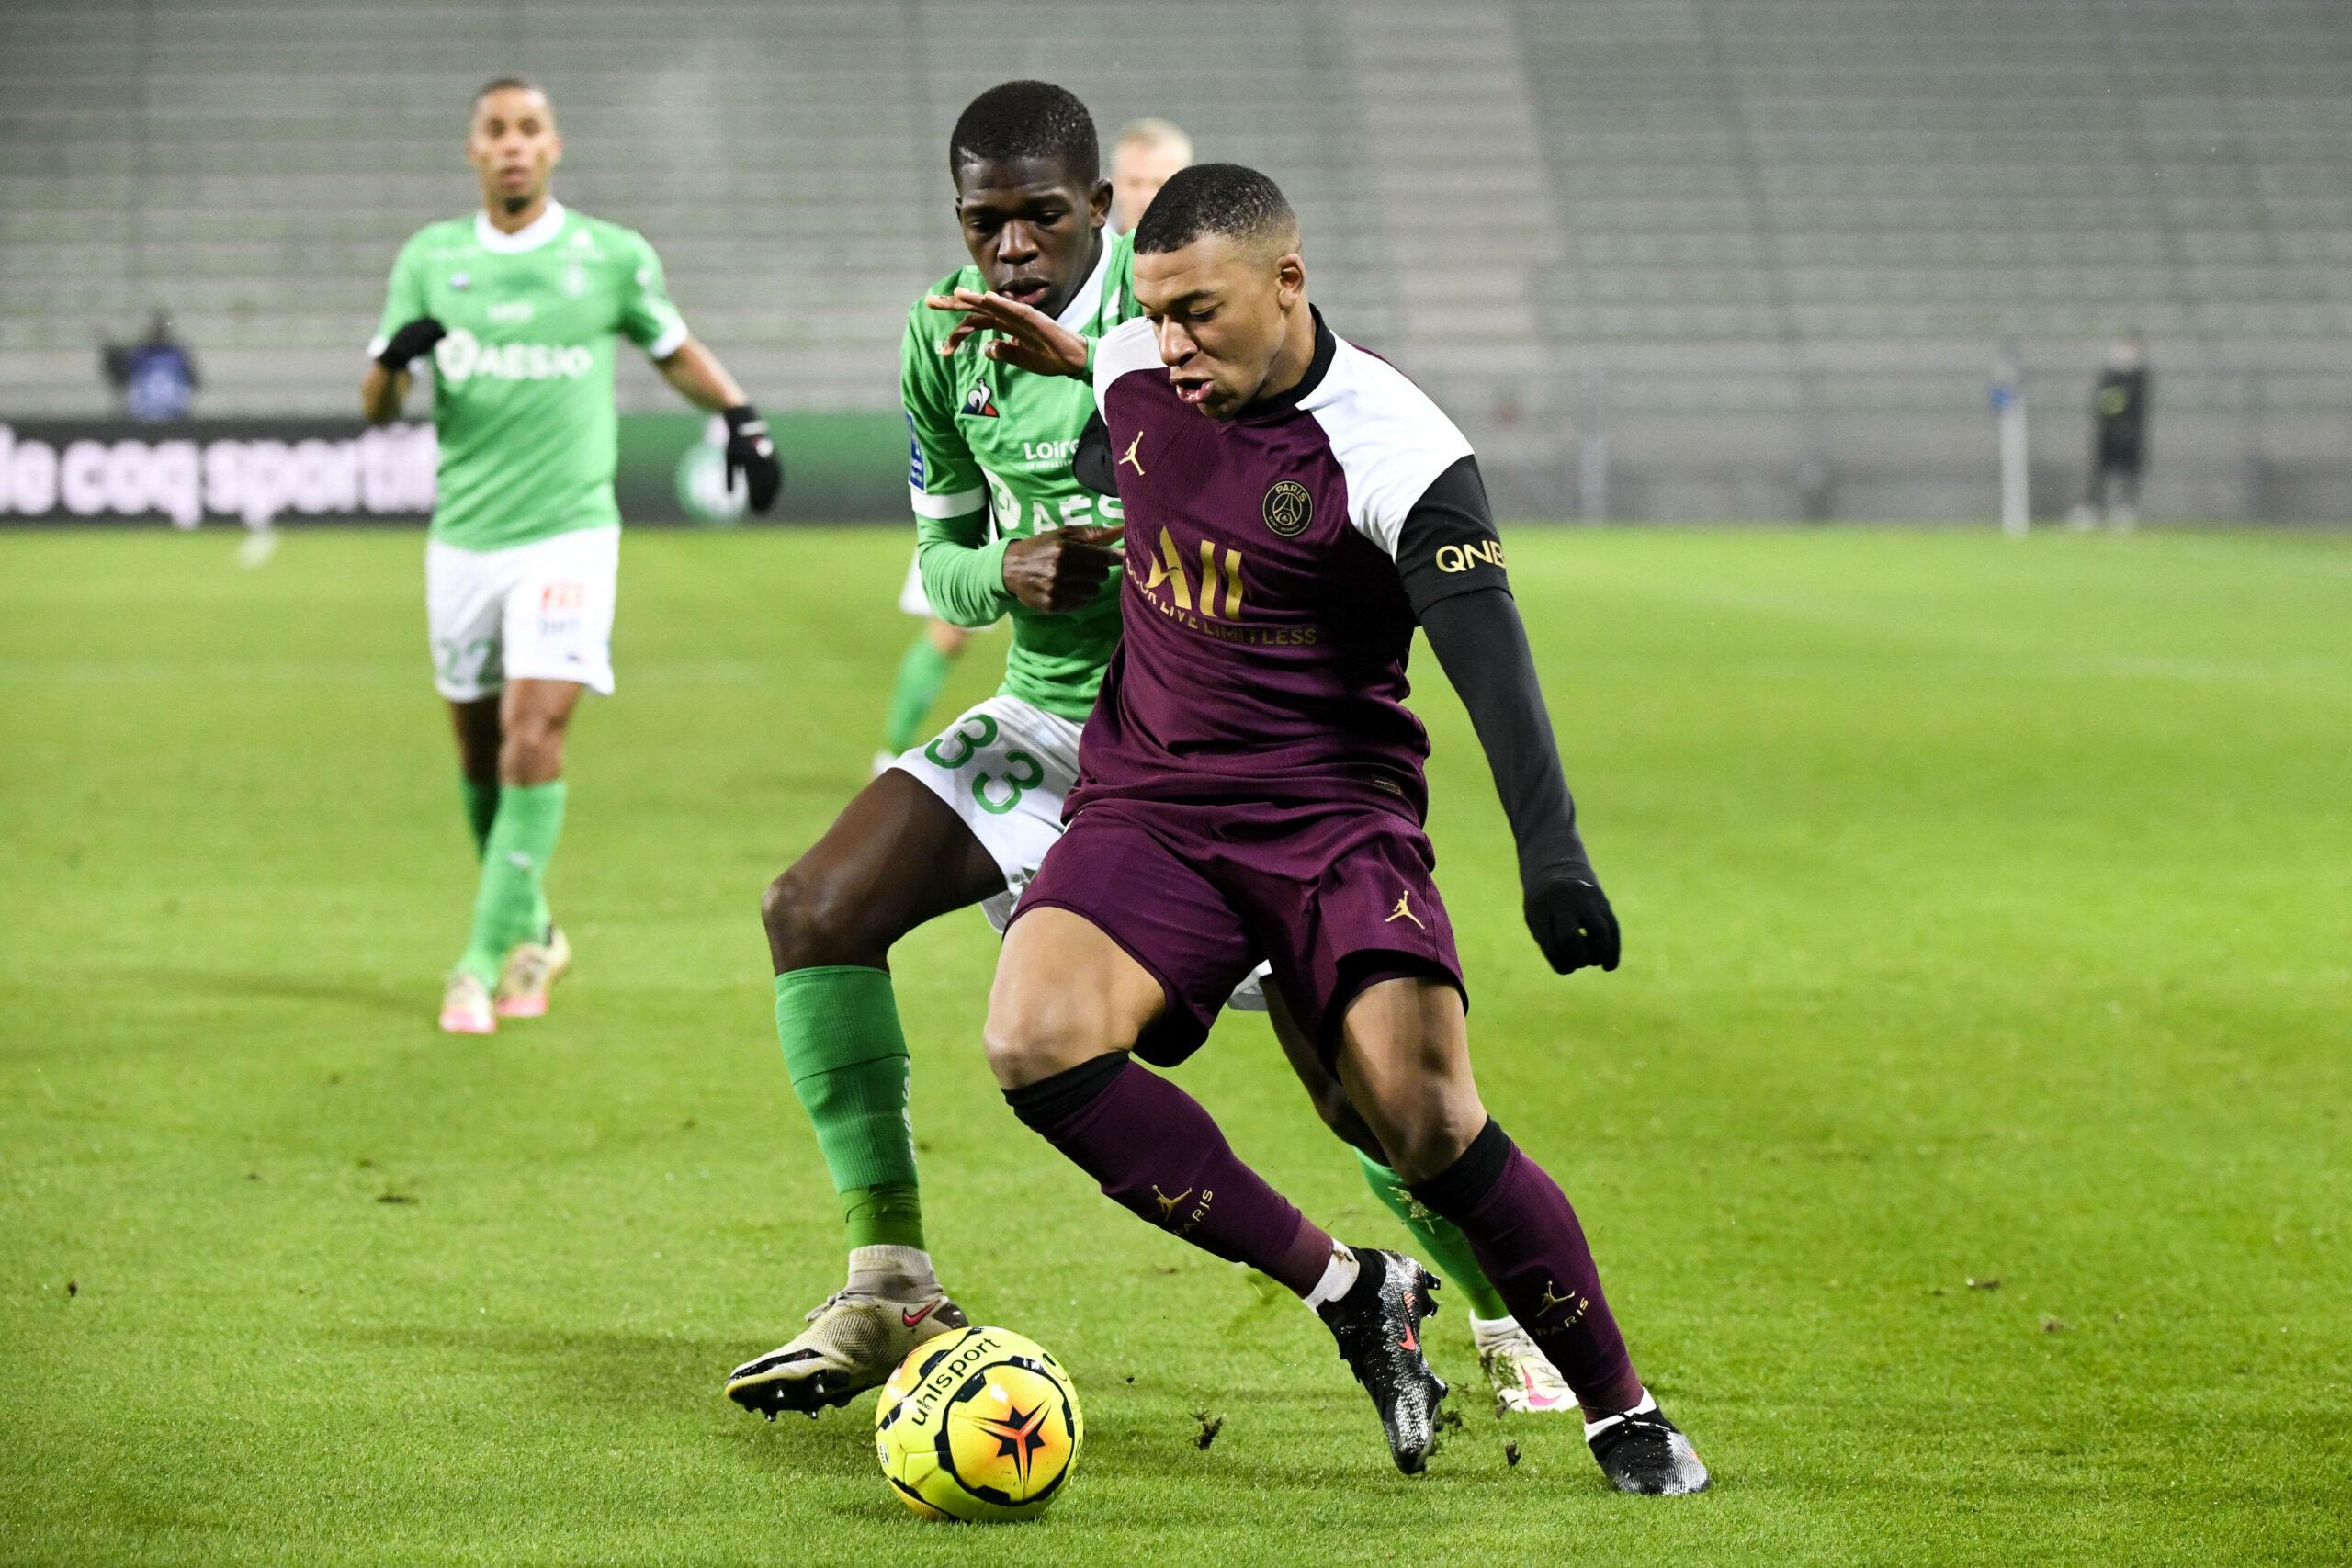 Kylian Mbappe (PSG) im Zweikampf mit Saint-Etienne-Verteidiger